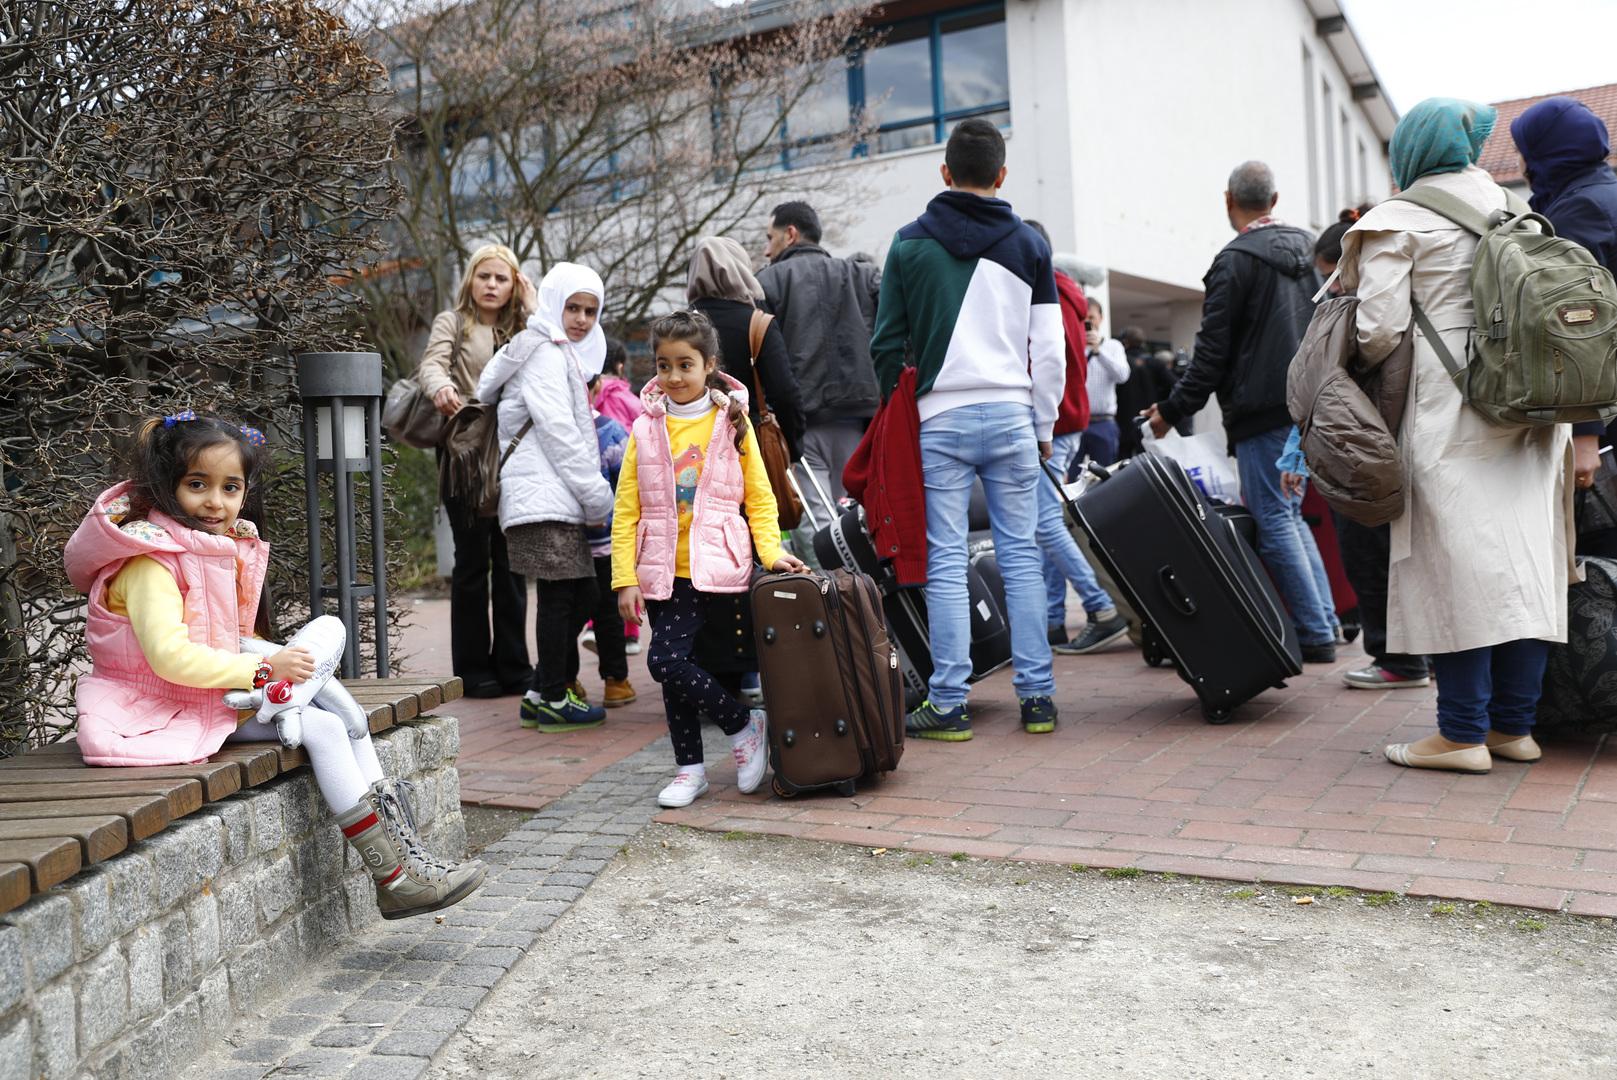 الحكومة الألمانية: لا مكان آمنا في سوريا يمكن للاجئين العودة إليه